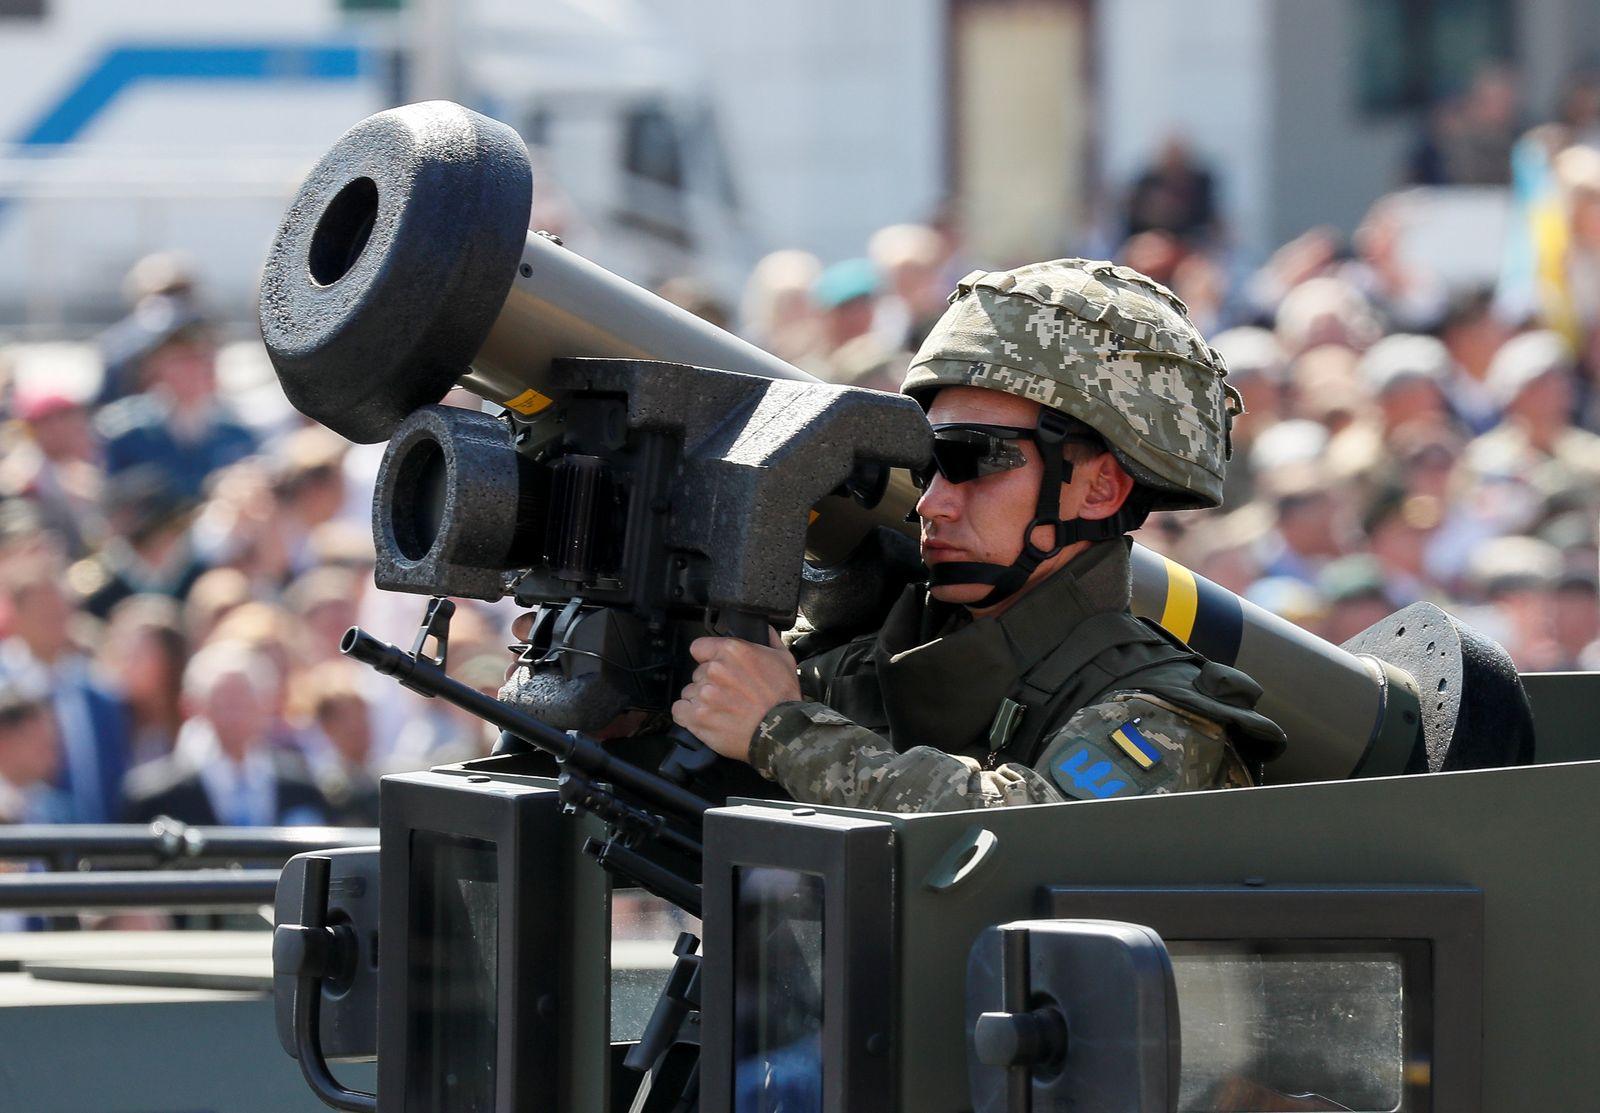 Javelin anti-tank missile Ukraine